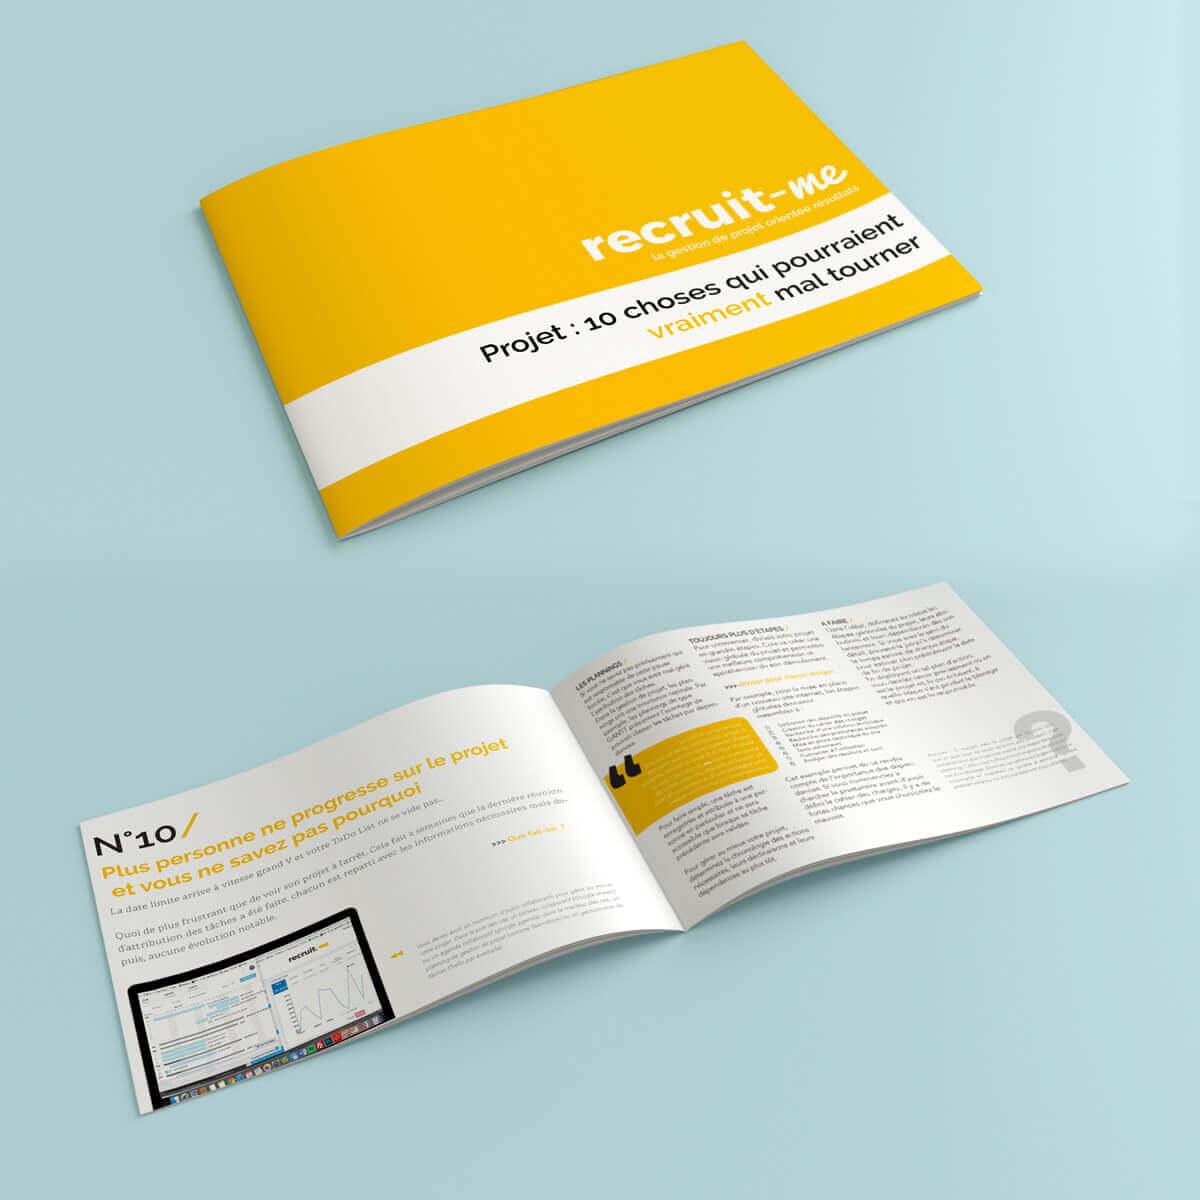 Livre blanc, 10 choses qui pourraient vraiment mal tourner durant votre projet